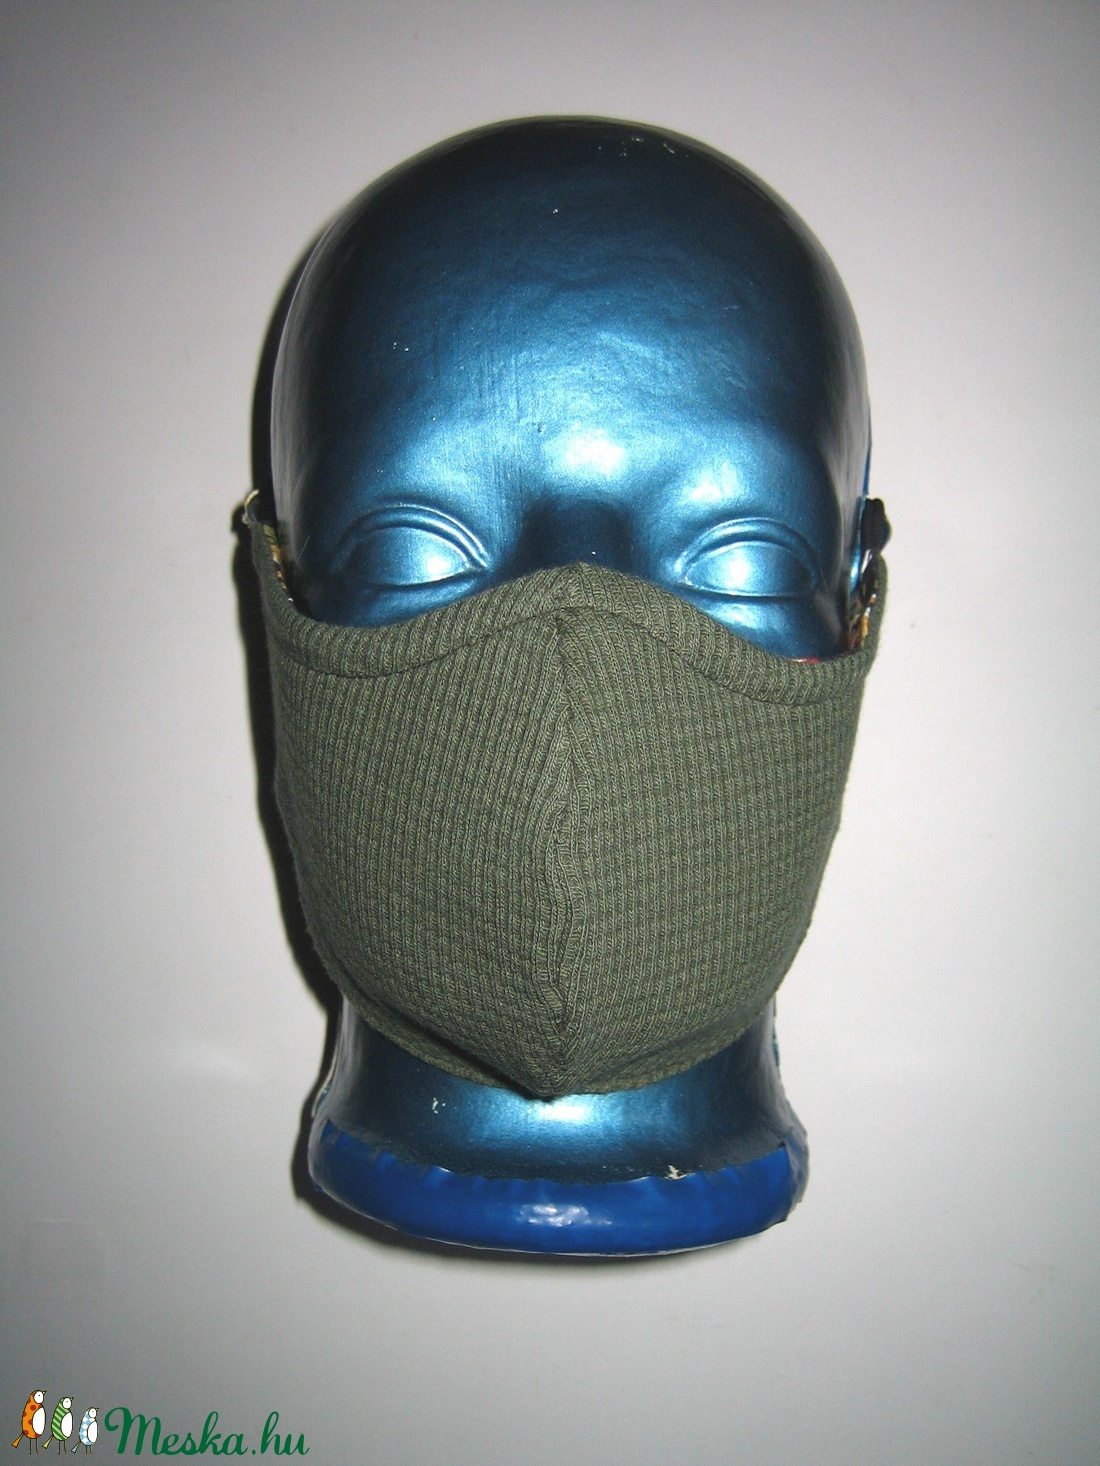 Virágos szájmaszk fülre akasztható arcmaszk 2in1 textil maszk   - maszk, arcmaszk - női - Meska.hu